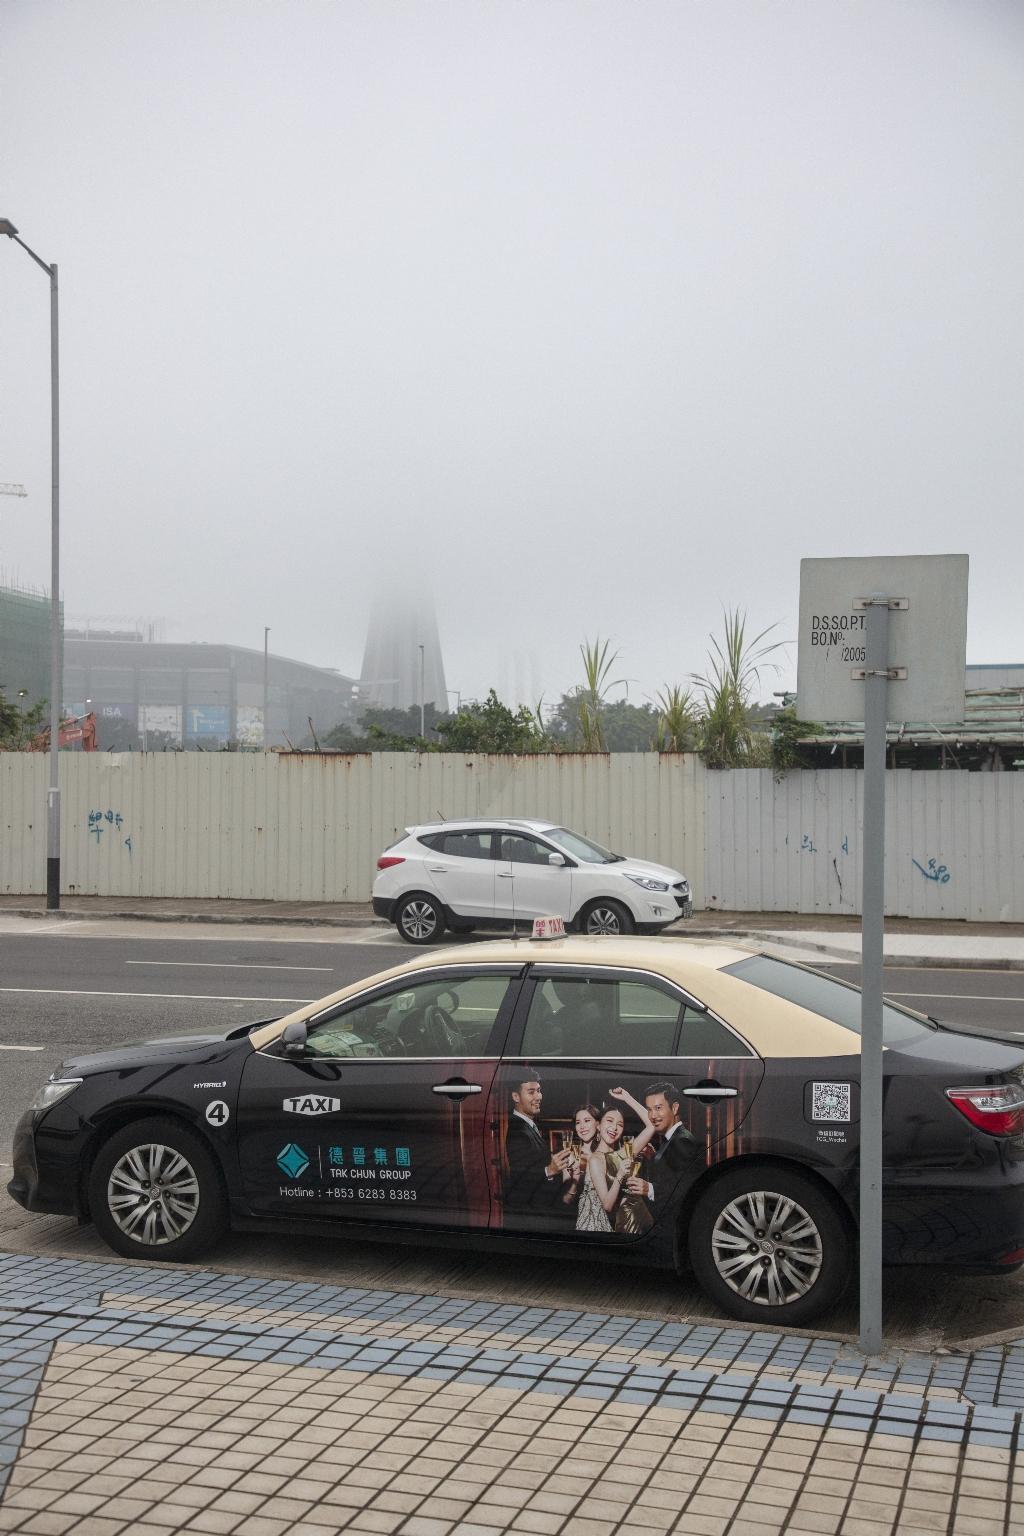 何鴻燊博士大馬路及旅遊塔霧景